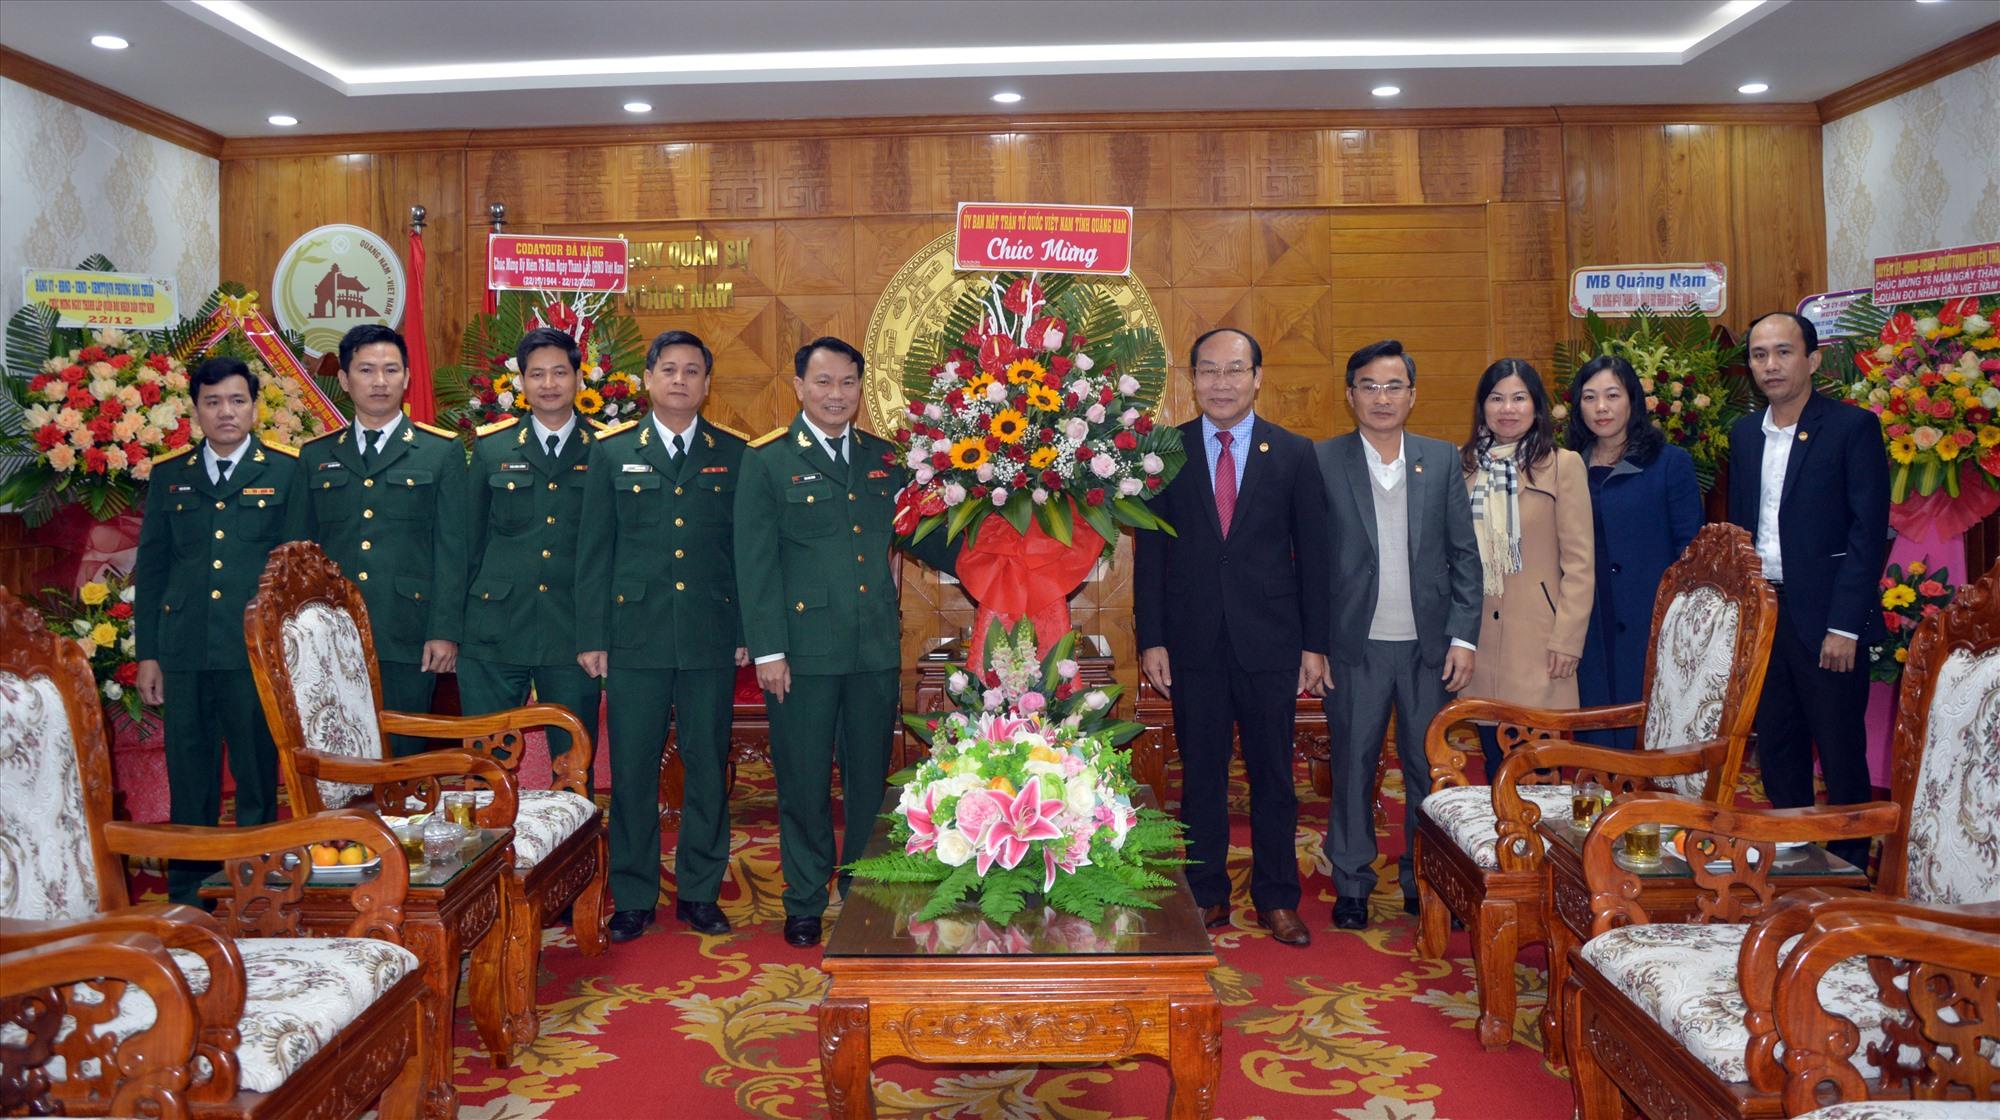 Chủ tịch UBMTTQVN tỉnh Võ Xuân Ca tặng hoa chúc mừng Bộ CHQS tỉnh.